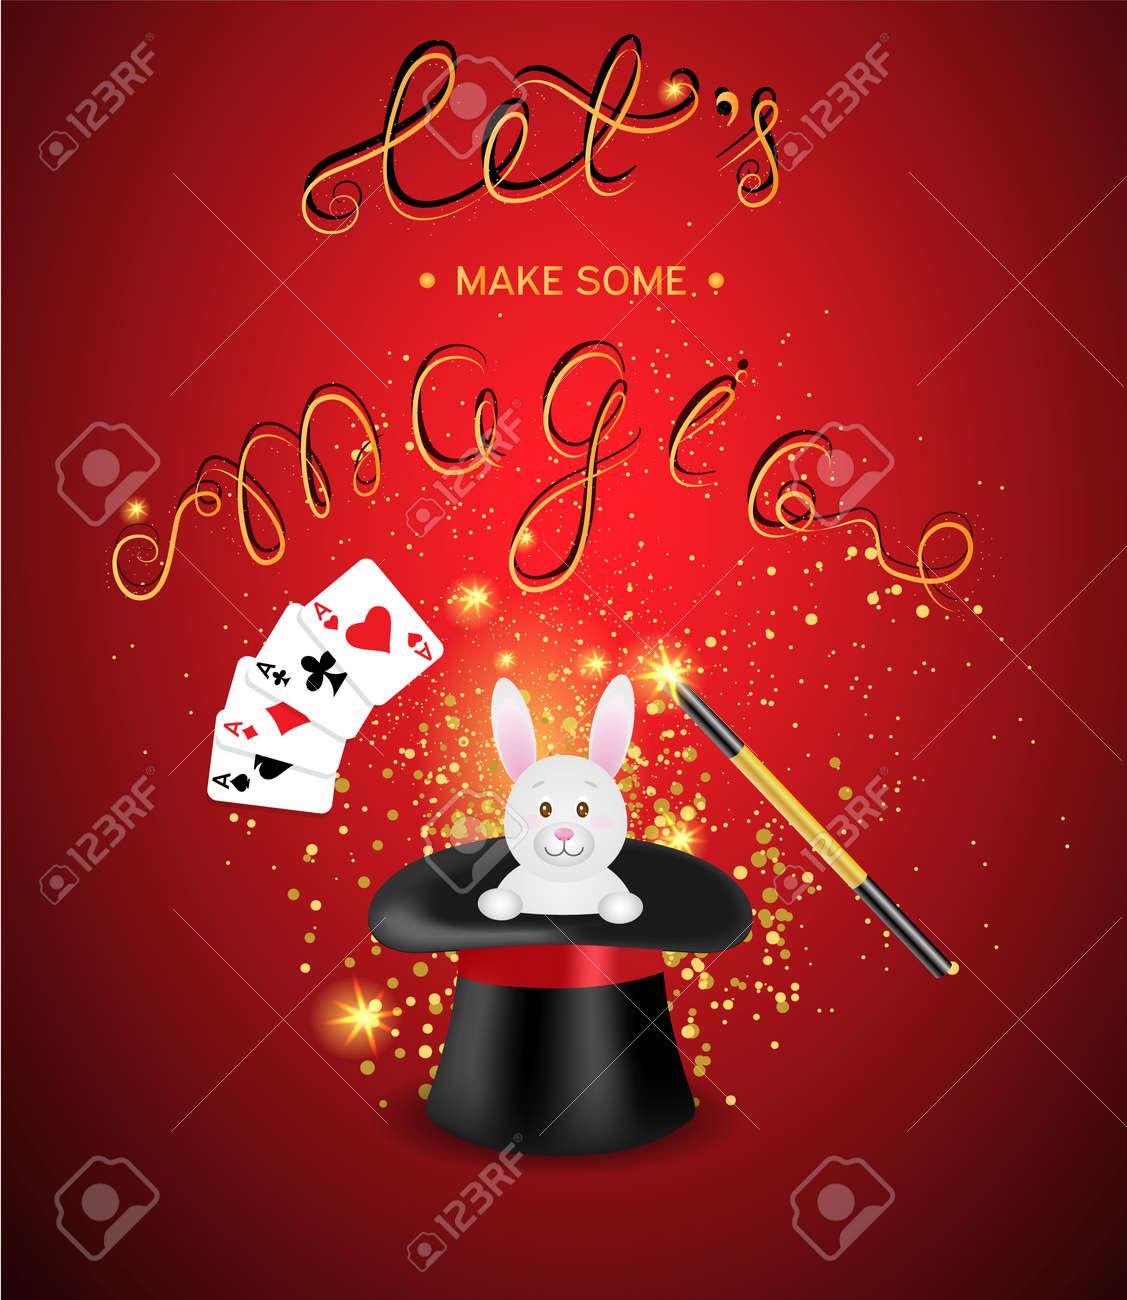 Magic Show ilustración template.Vector. Sombrero de mago con una varita  mágica 835de862c7e